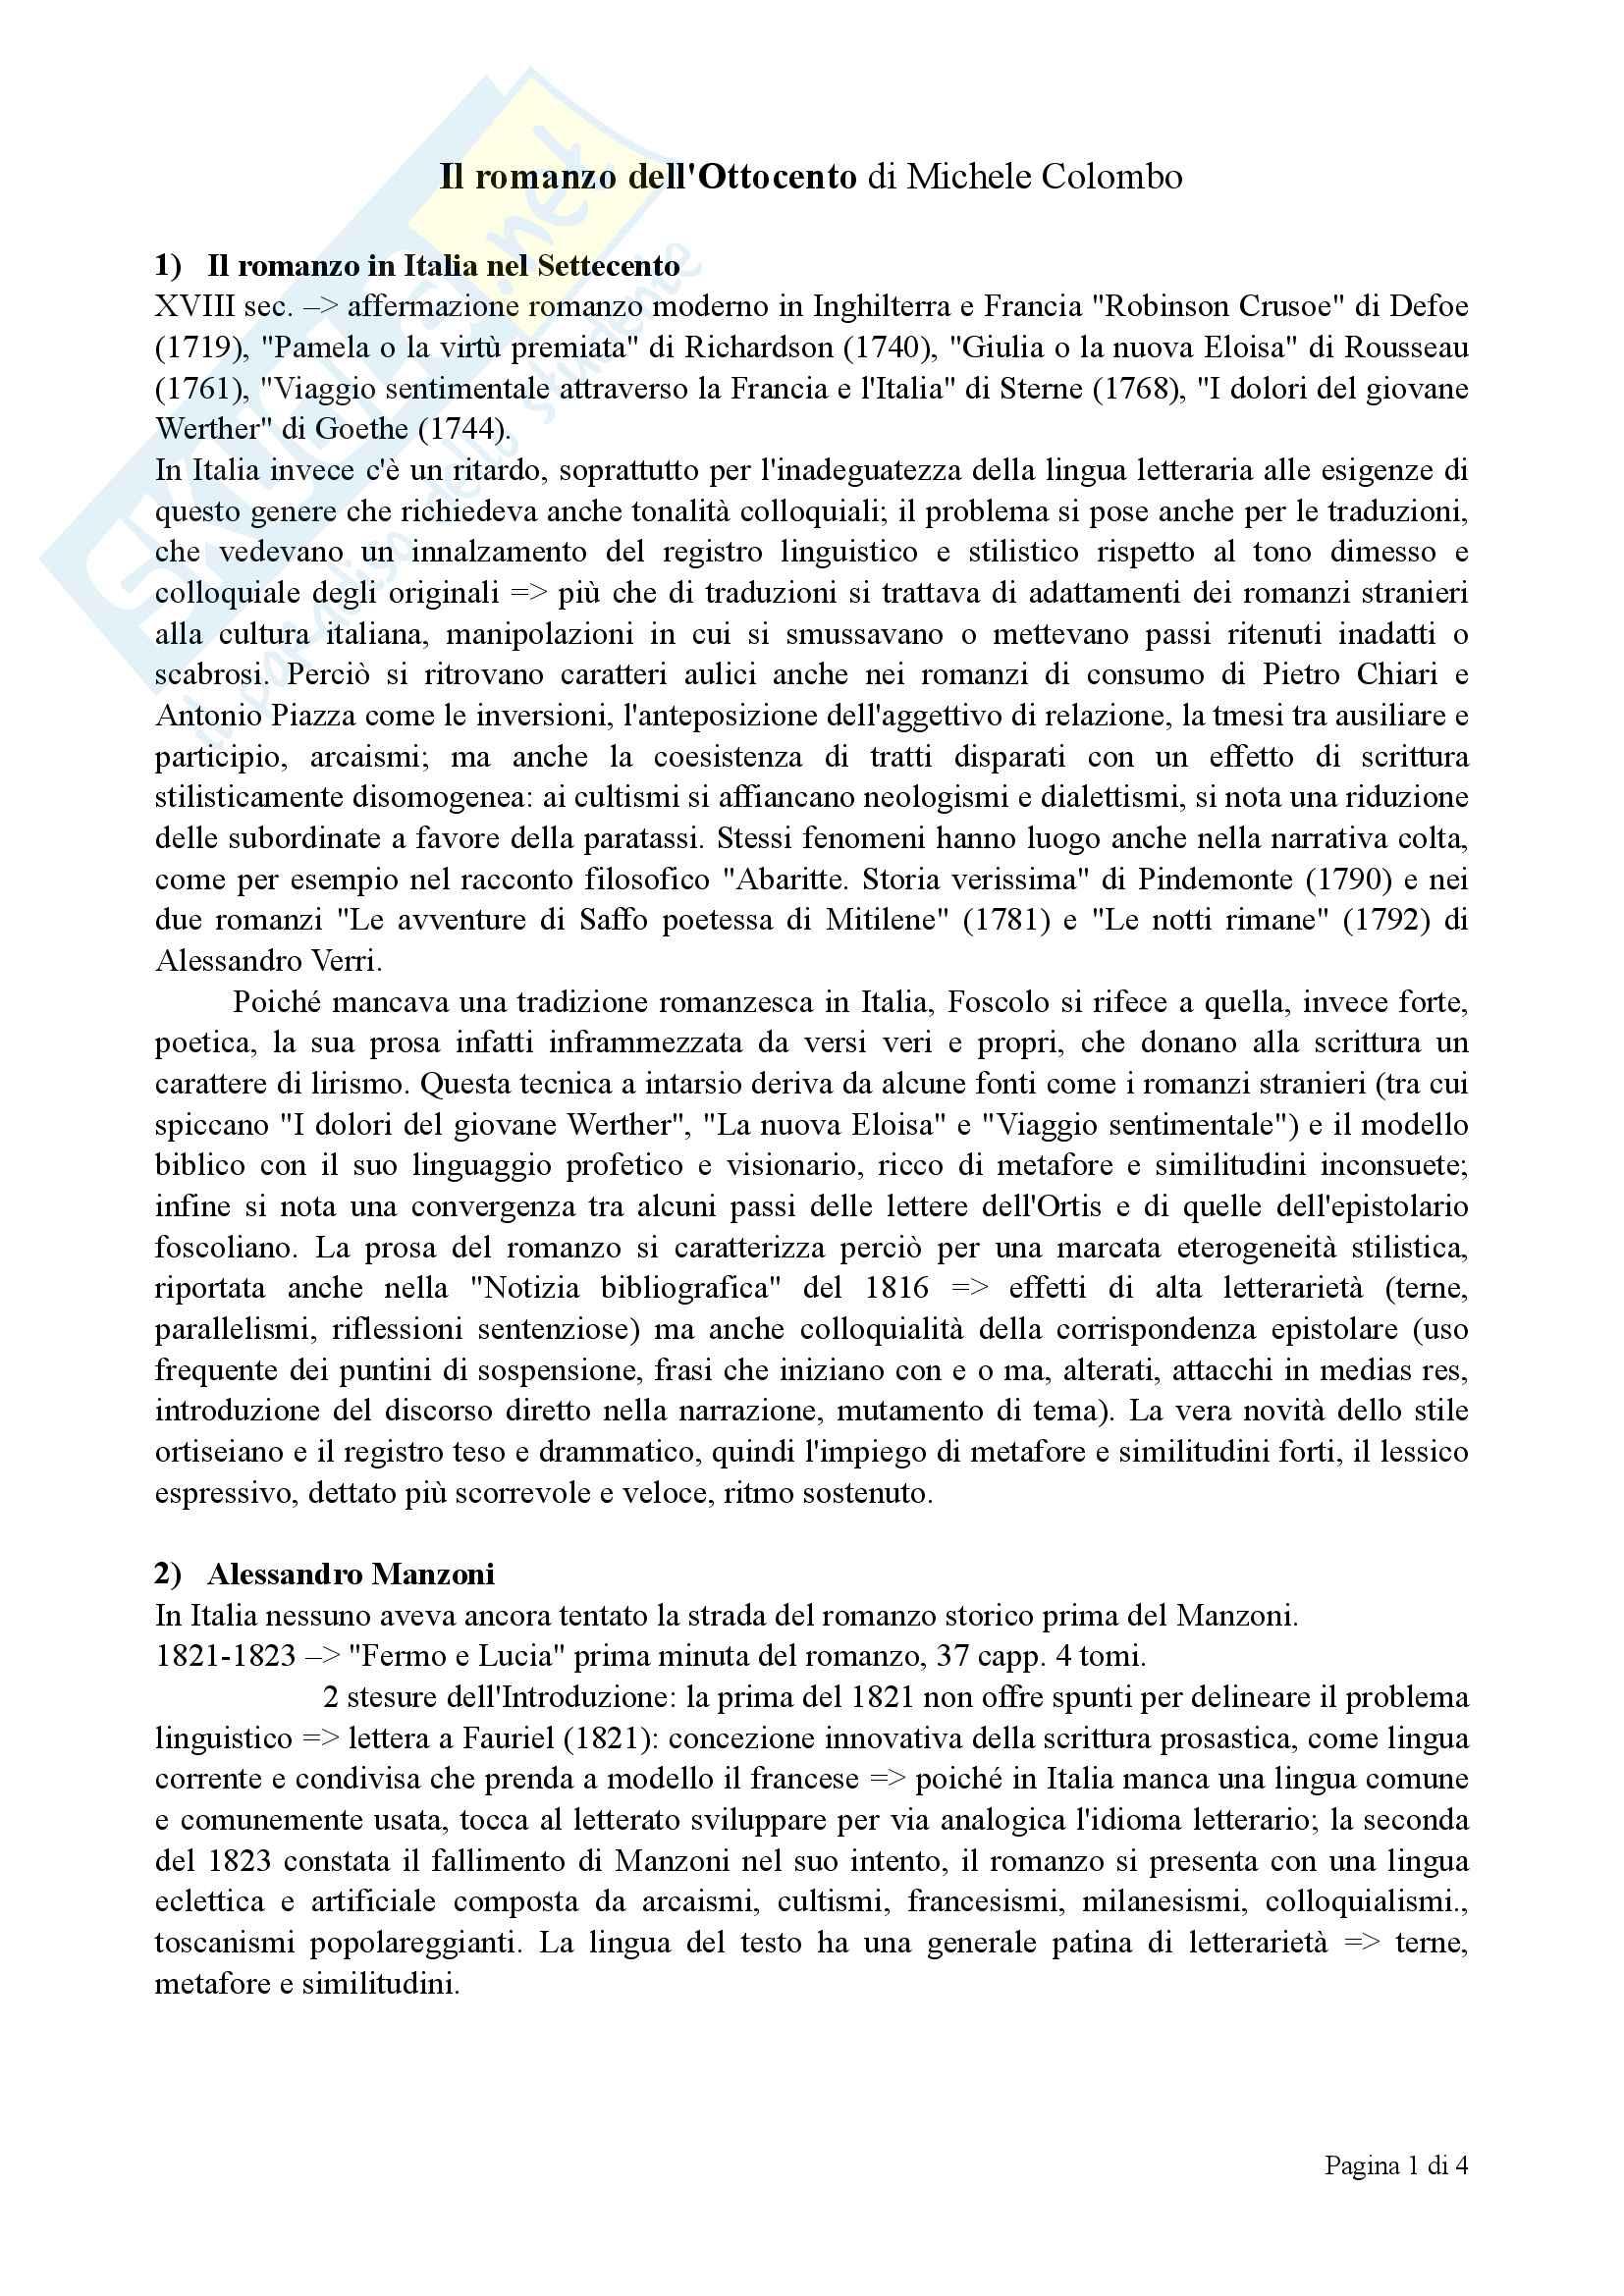 Riassunto esame Letteratura italiana, docente Danelon, libro consigliato Il romanzo dell'Ottocento, Colombo